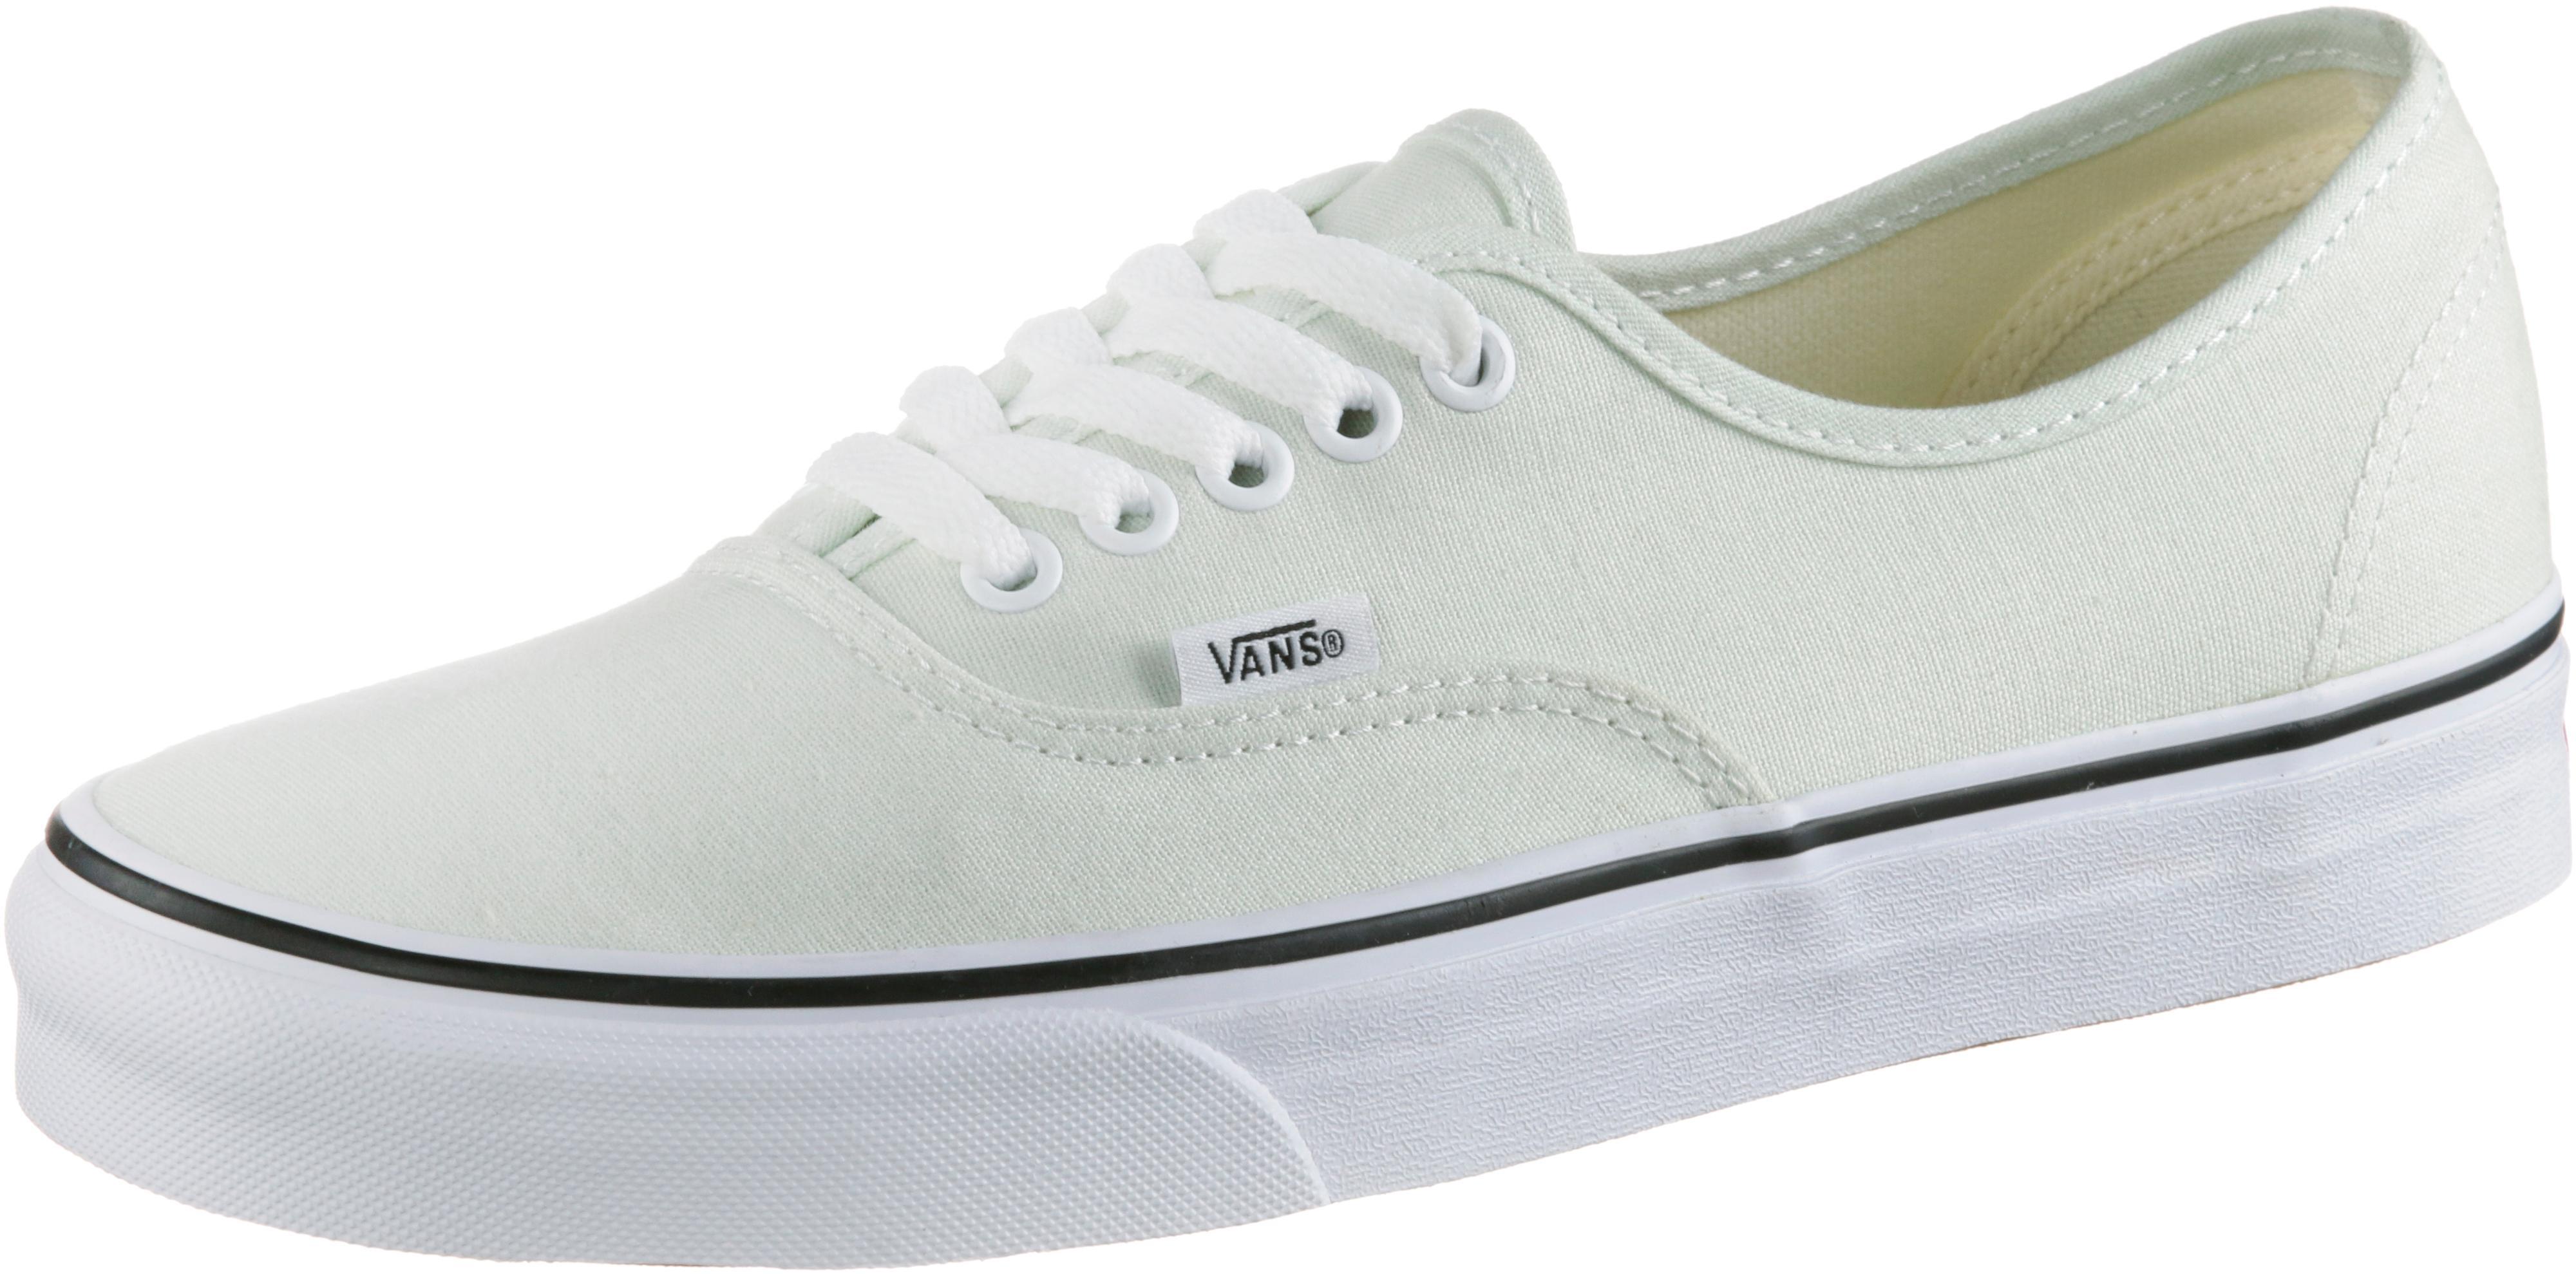 Vans Authentic Turnschuhe Damen frappe-true Weiß SportScheck im Online Shop von SportScheck Weiß kaufen Gute Qualität beliebte Schuhe 21cd40